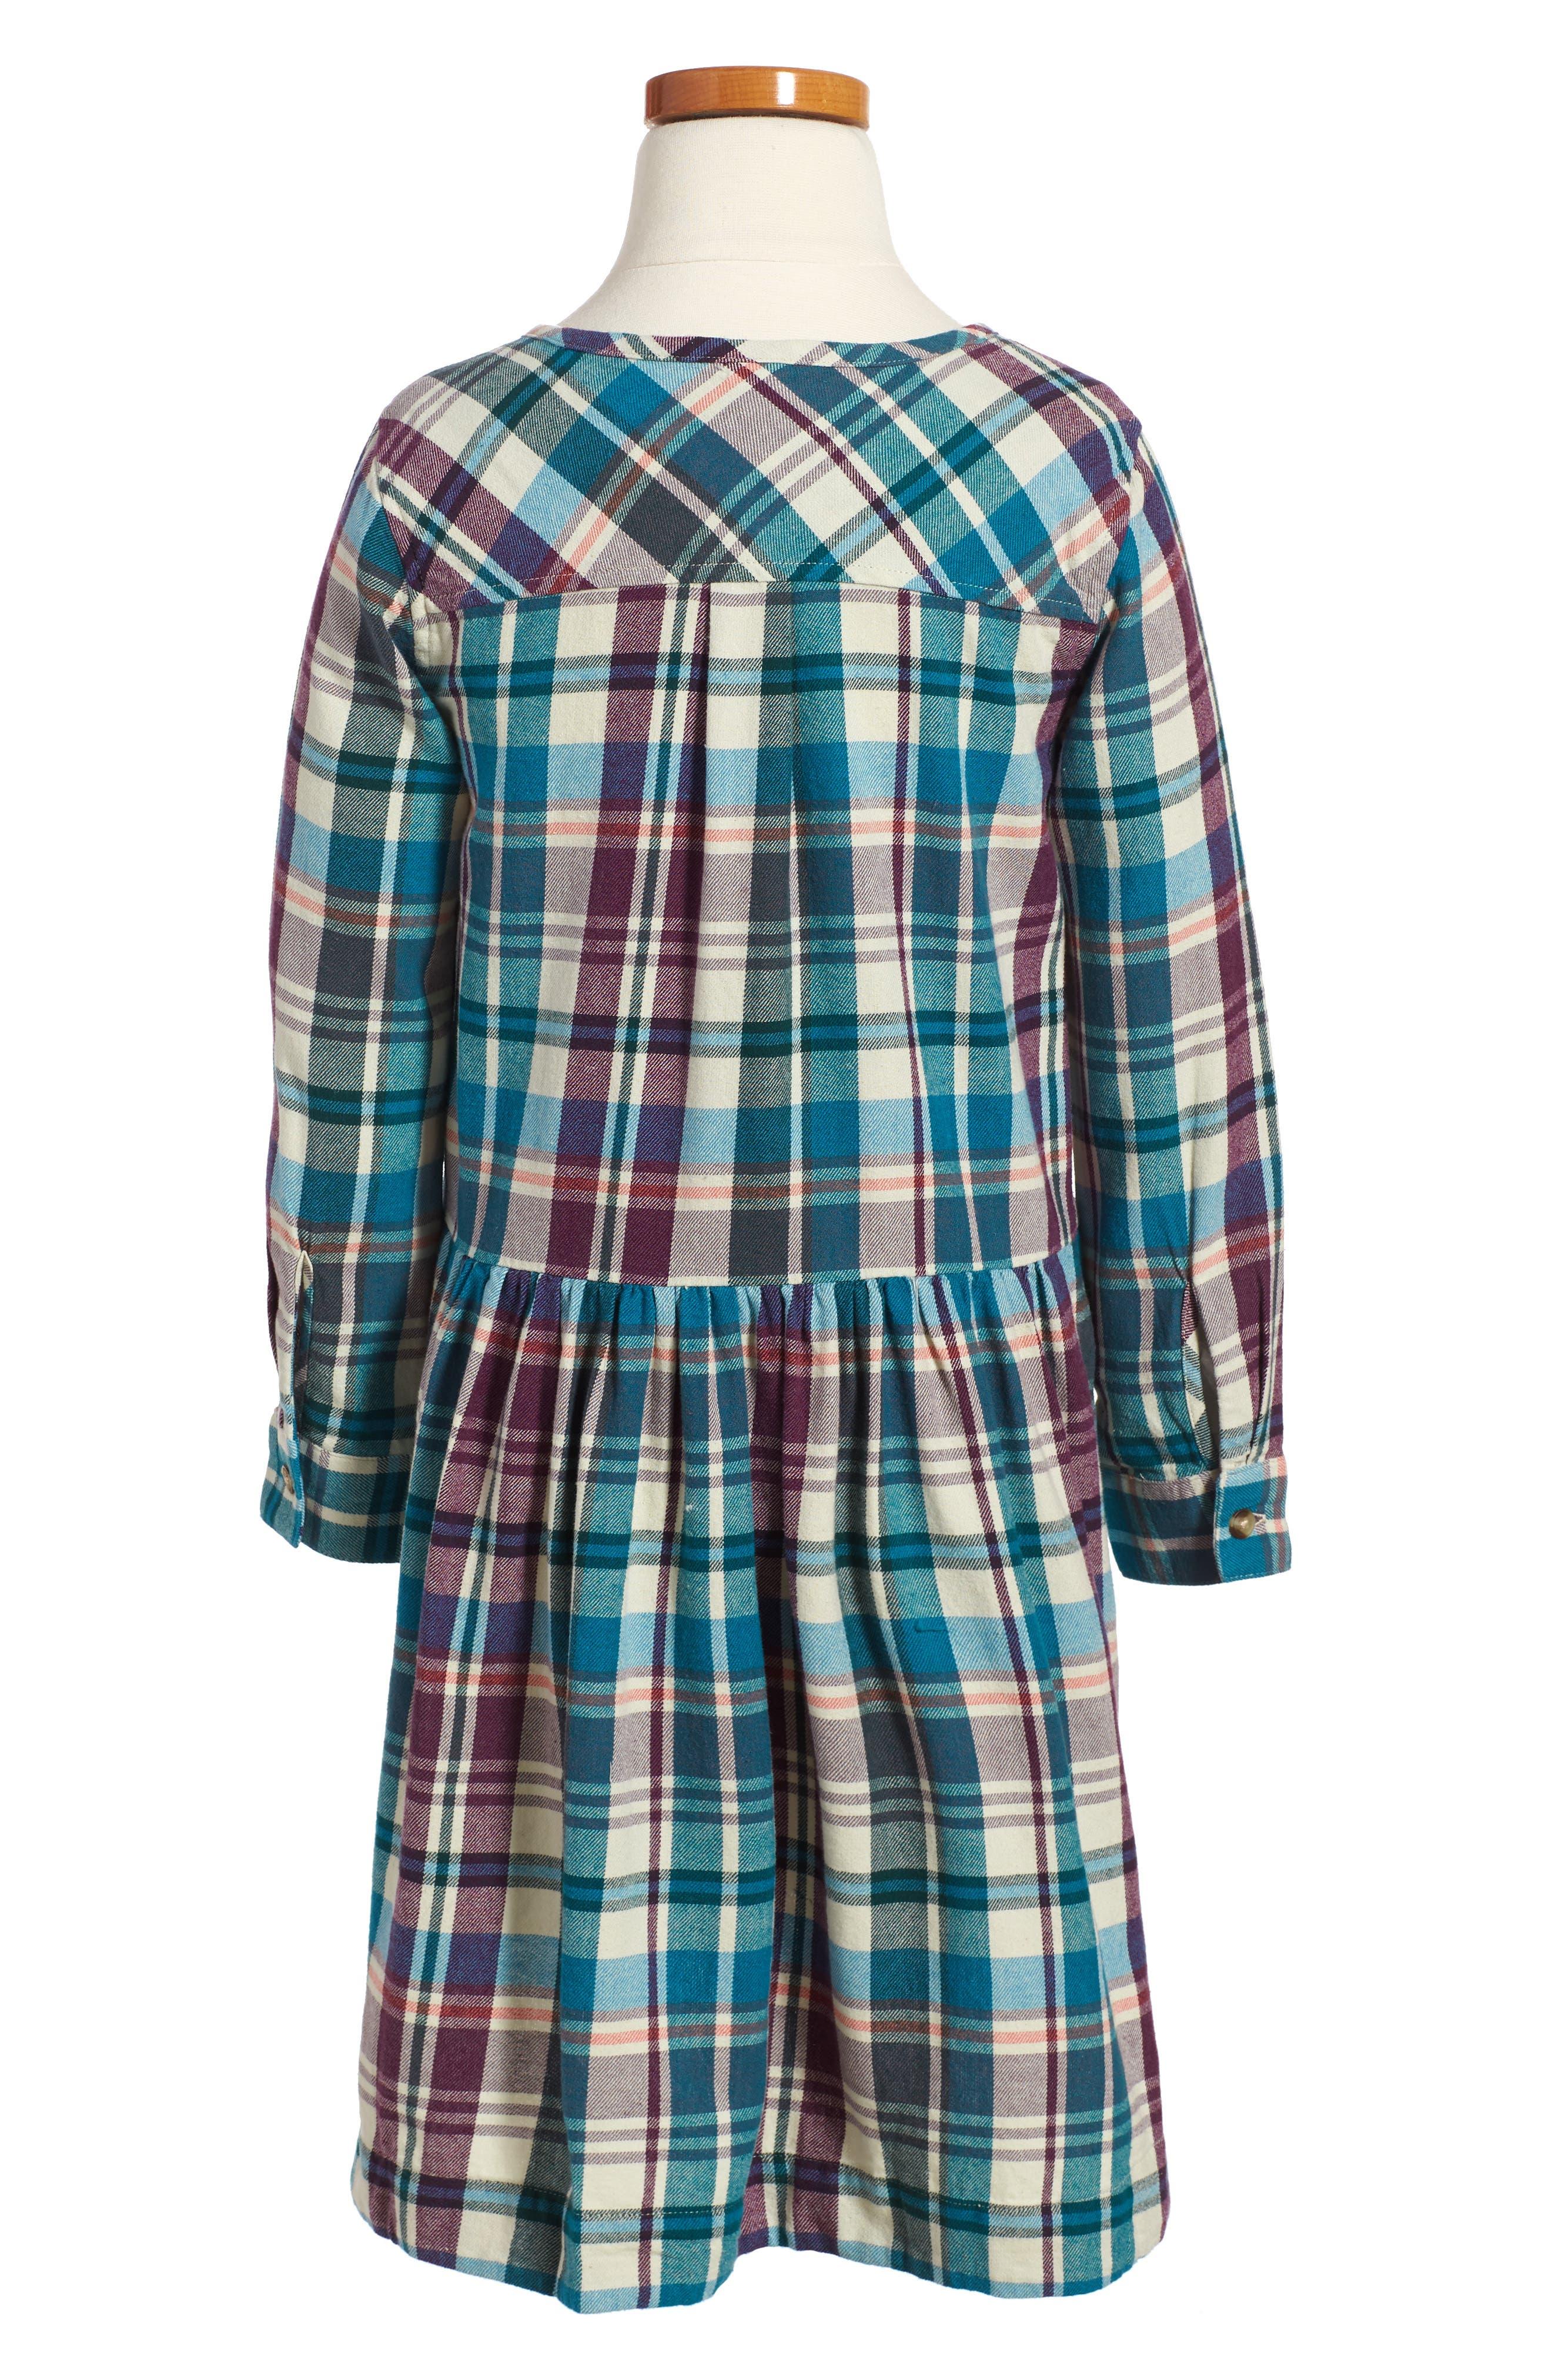 Alternate Image 2  - Tea Collection Applecross Plaid Flannel Shirtdress (Toddler Girls, Little Girls & Big Girls)